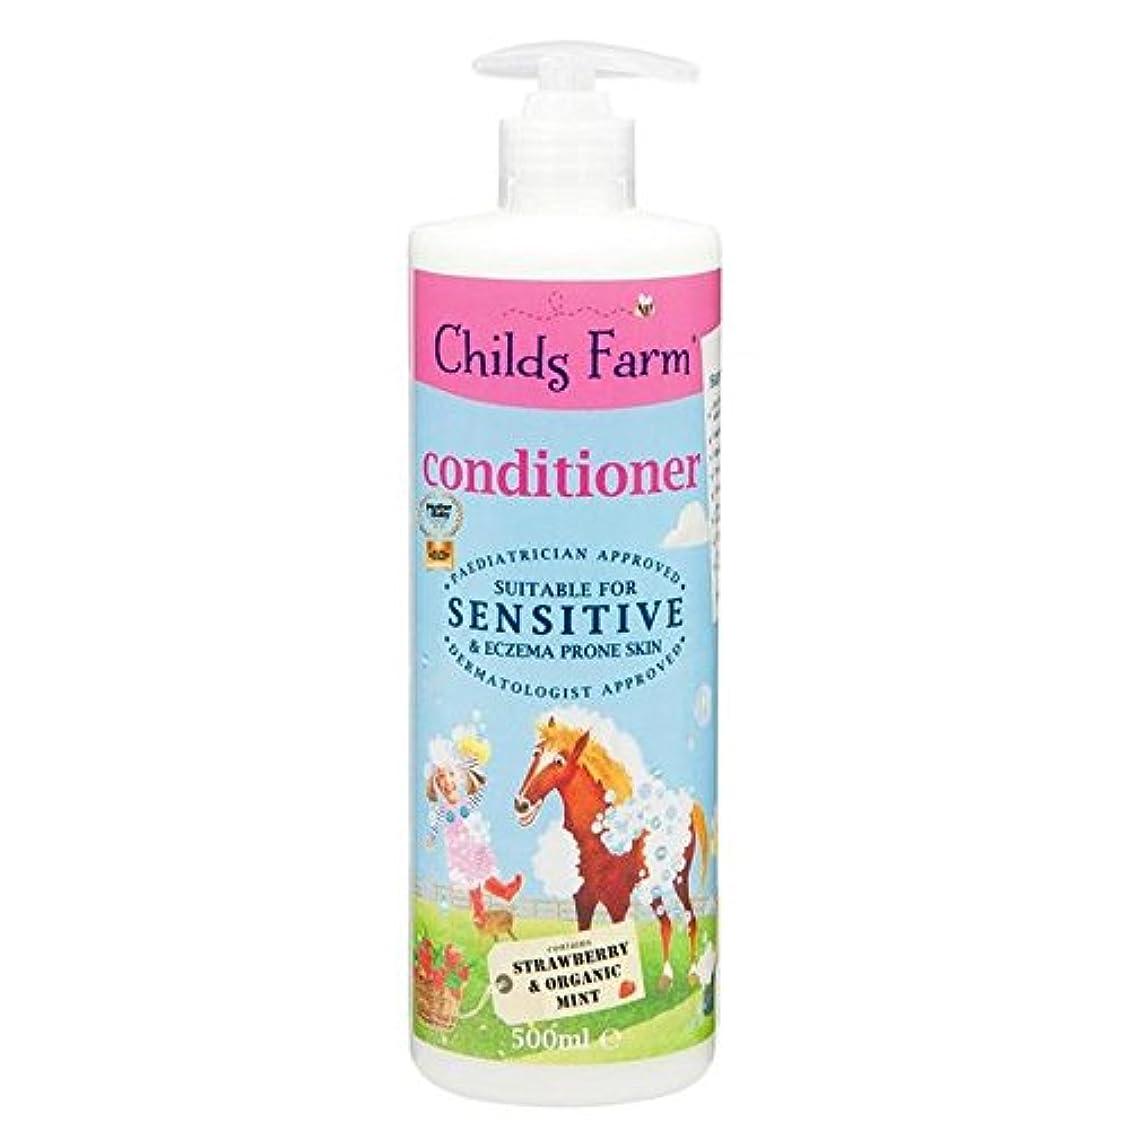 道徳教育彫刻お父さんChilds Farm Conditioner for Unruly Hair 500ml - 手に負えない髪の500ミリリットルのためのチャイルズファームコンディショナー [並行輸入品]